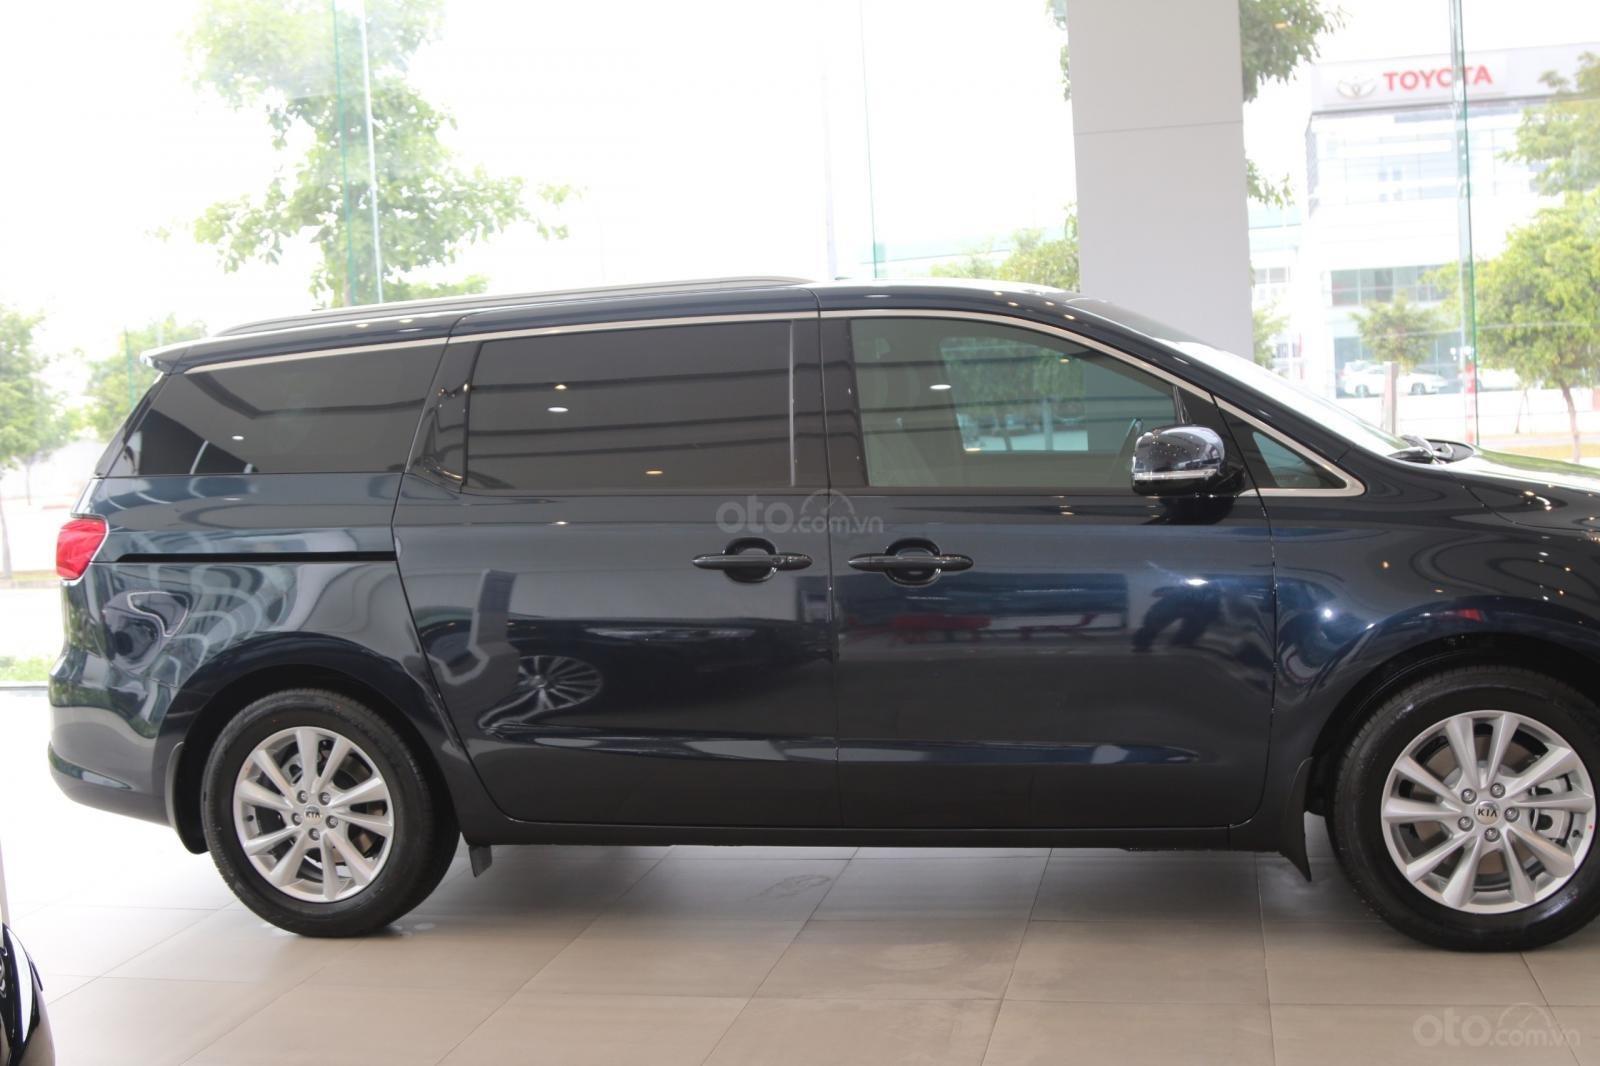 Kia Sedona - giảm giá tiền mặt / tặng bảo hiểm + camera hành trình - liên hệ PKD Kia Bình Tân 093 317 0660-1